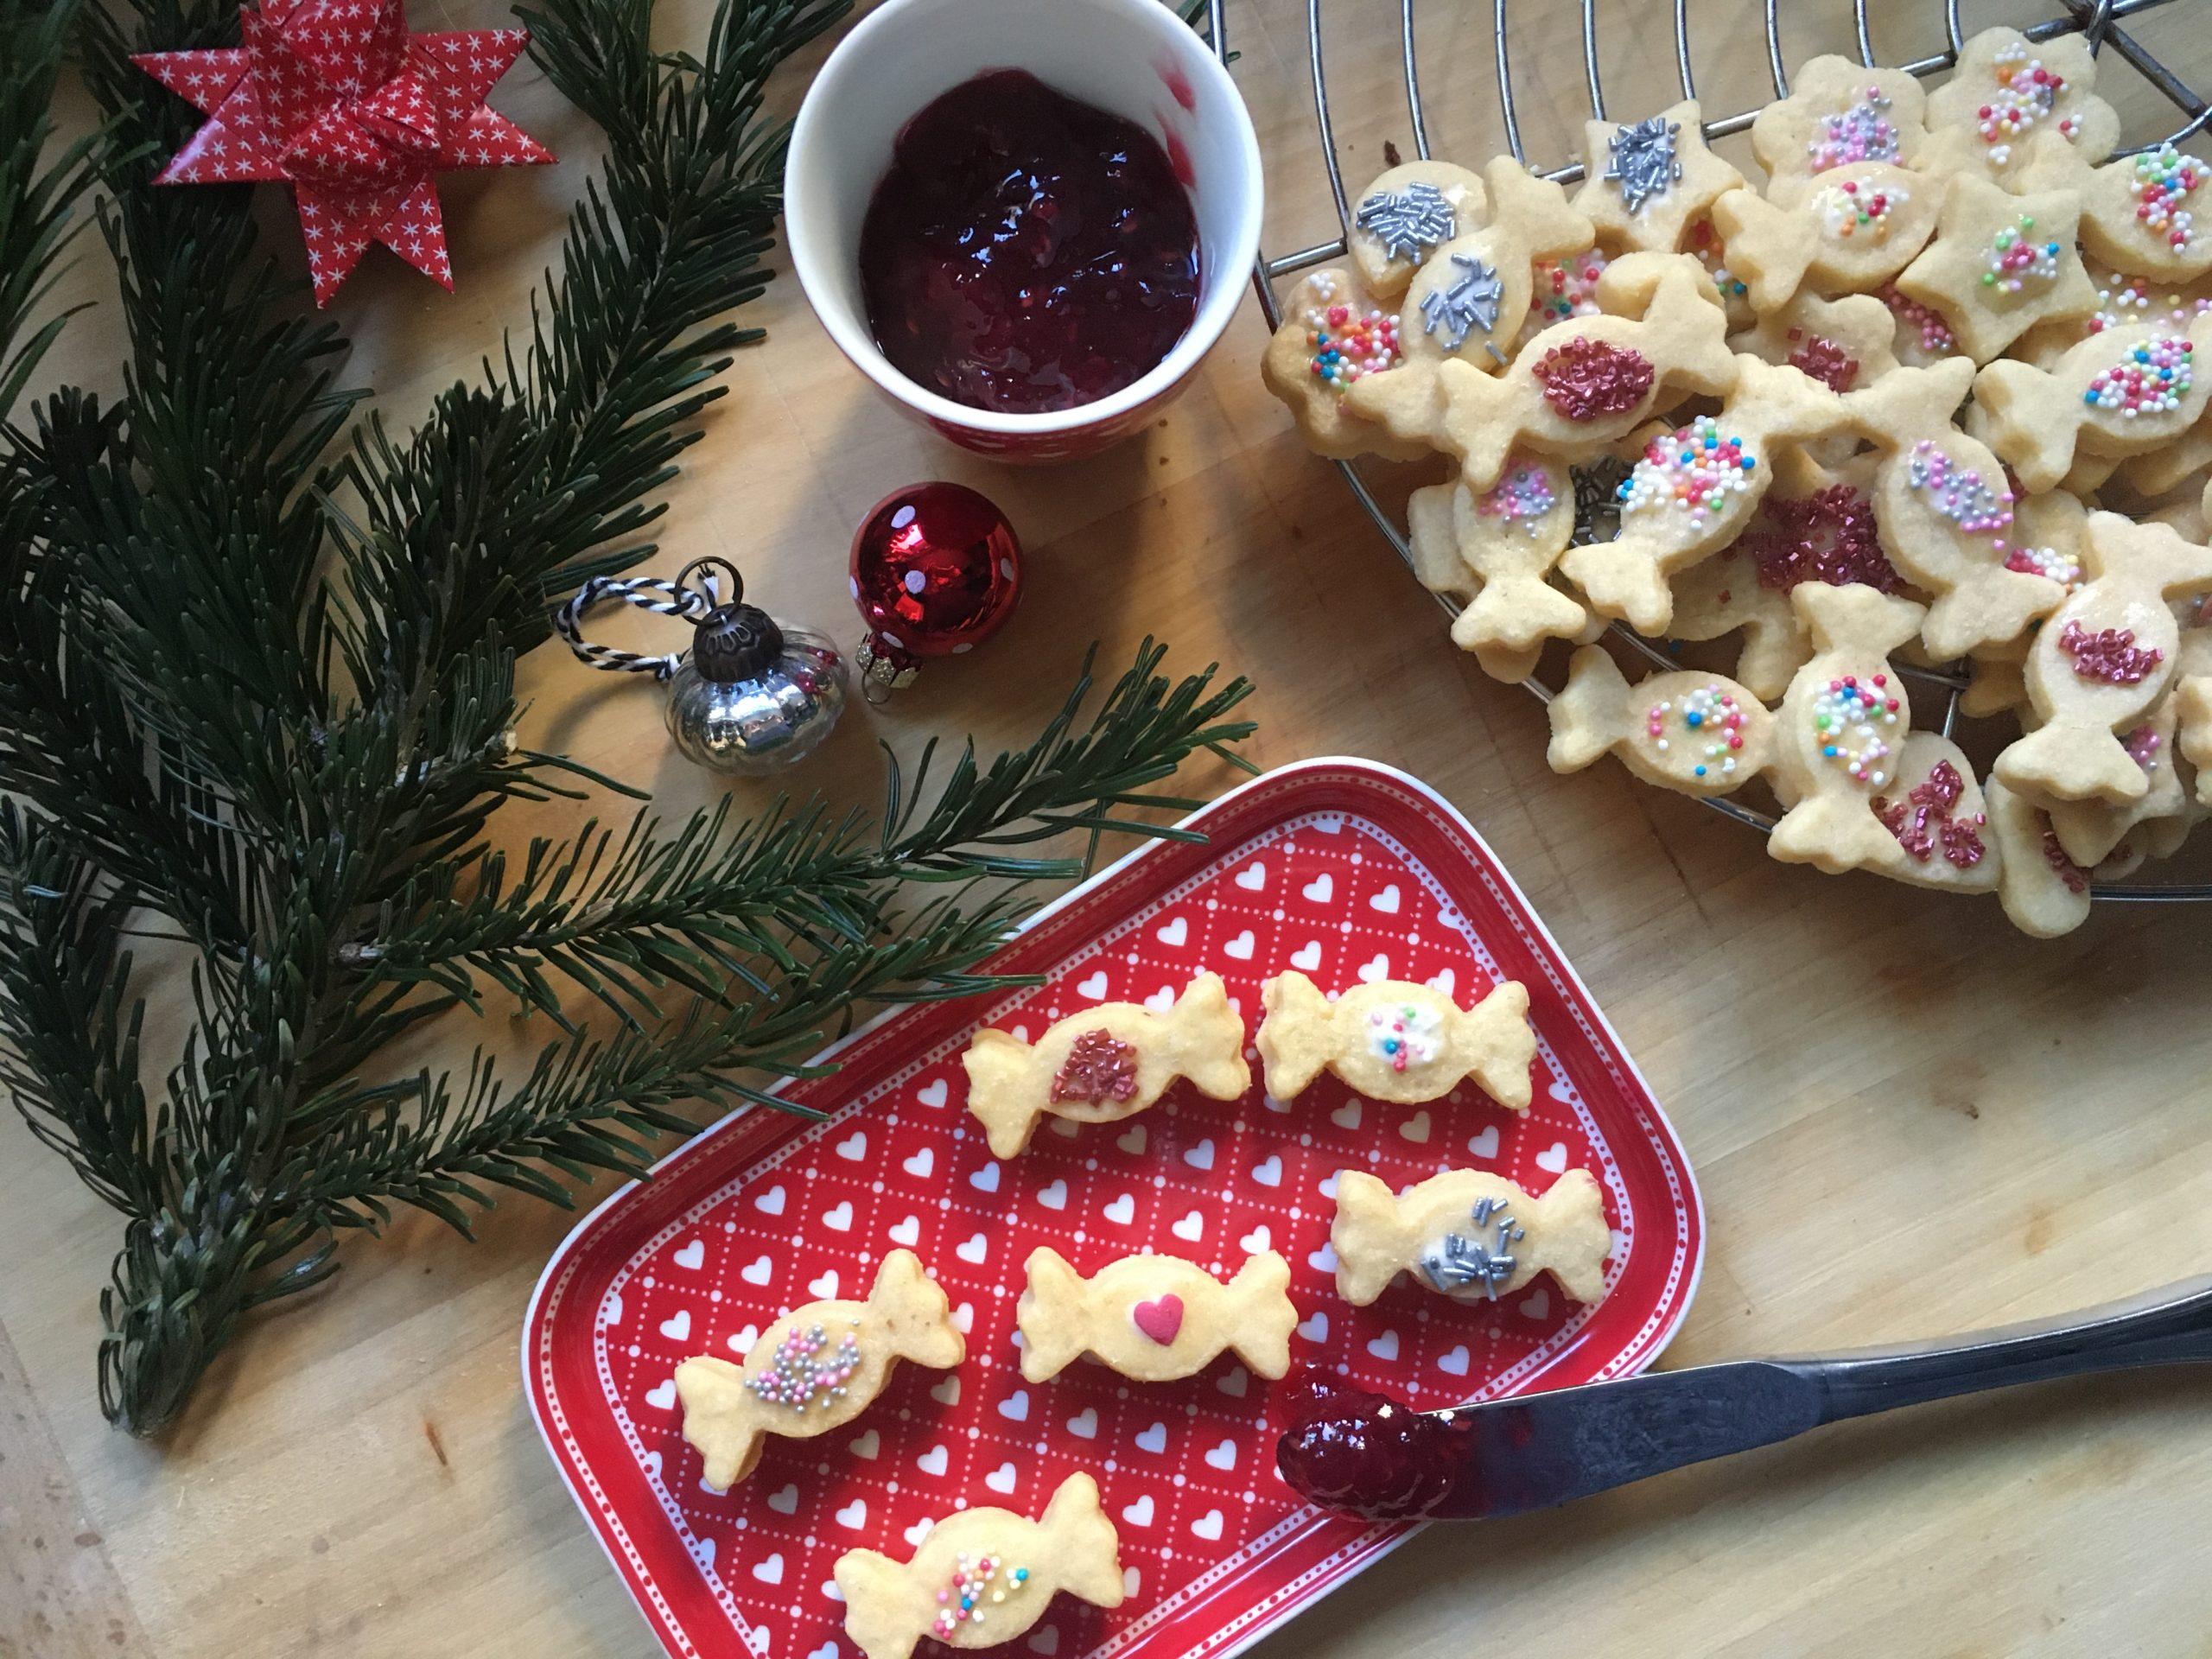 Plätzchen in Bonbonform mit weihnachtlicher Deko auf Tablett angerichtet